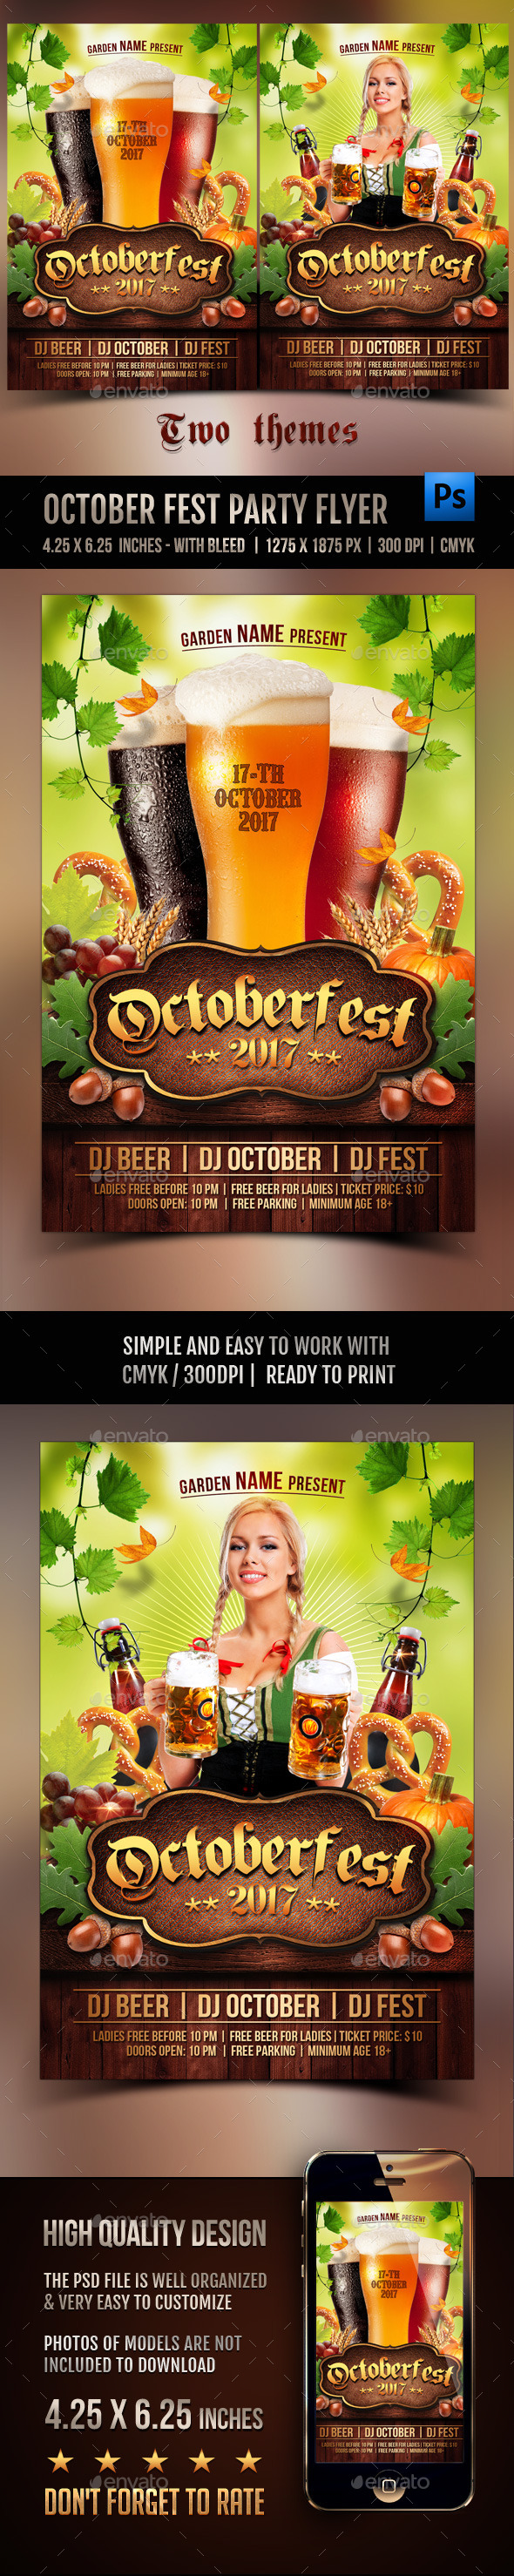 Octoberfest Party Flyer - Events Flyers